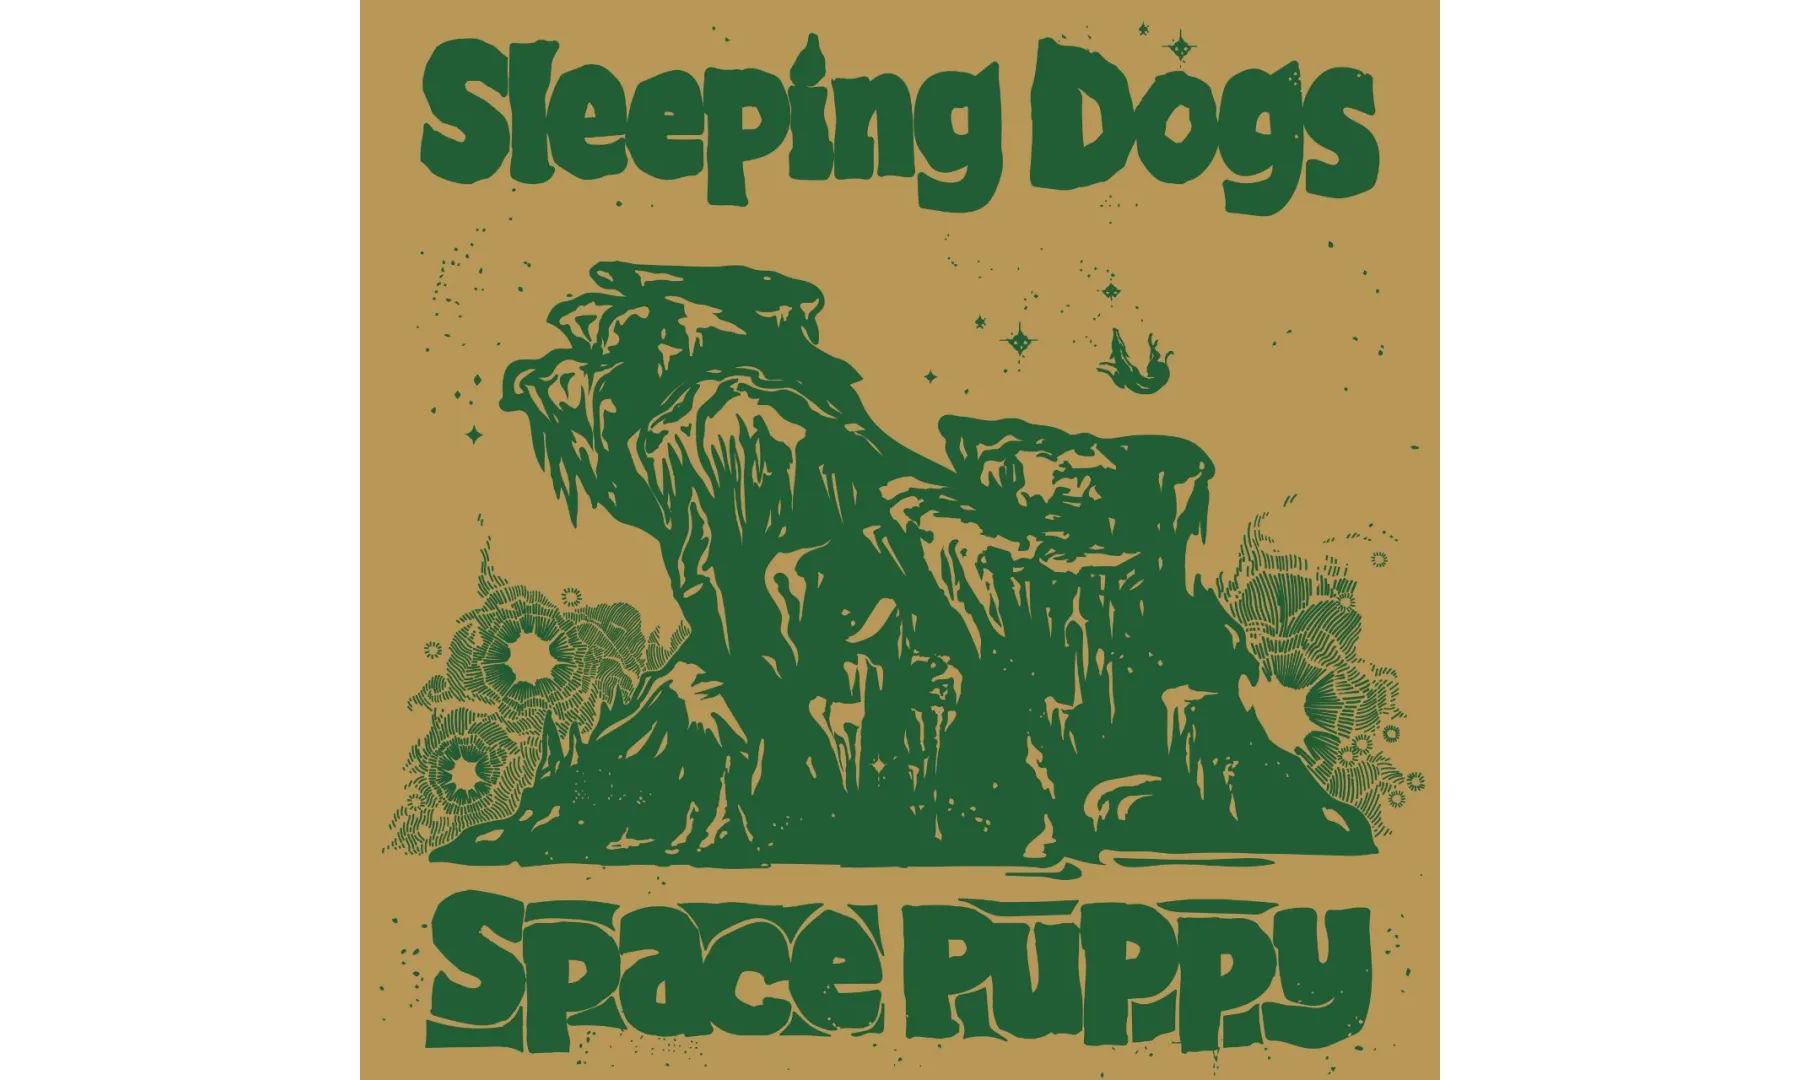 北京器乐演奏团体 Sleeping Dogs 首张 EP《Space Puppy》今日发行